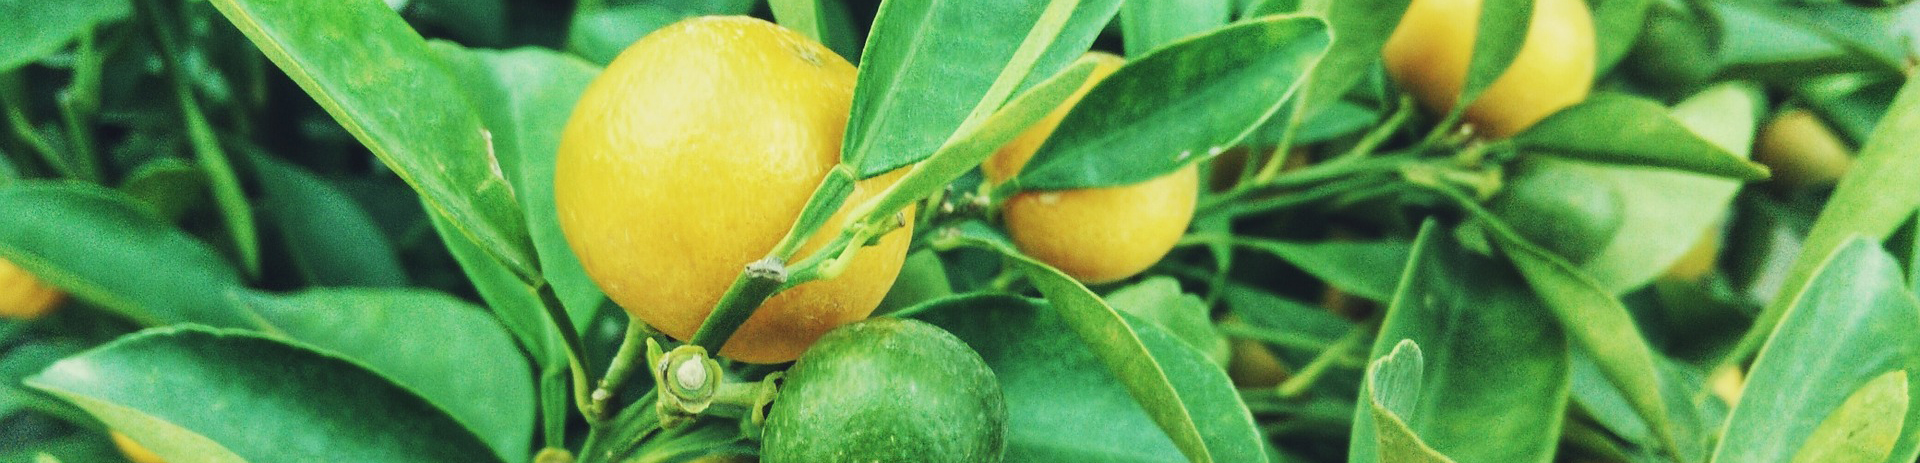 lemons-1149003_1920.jpg